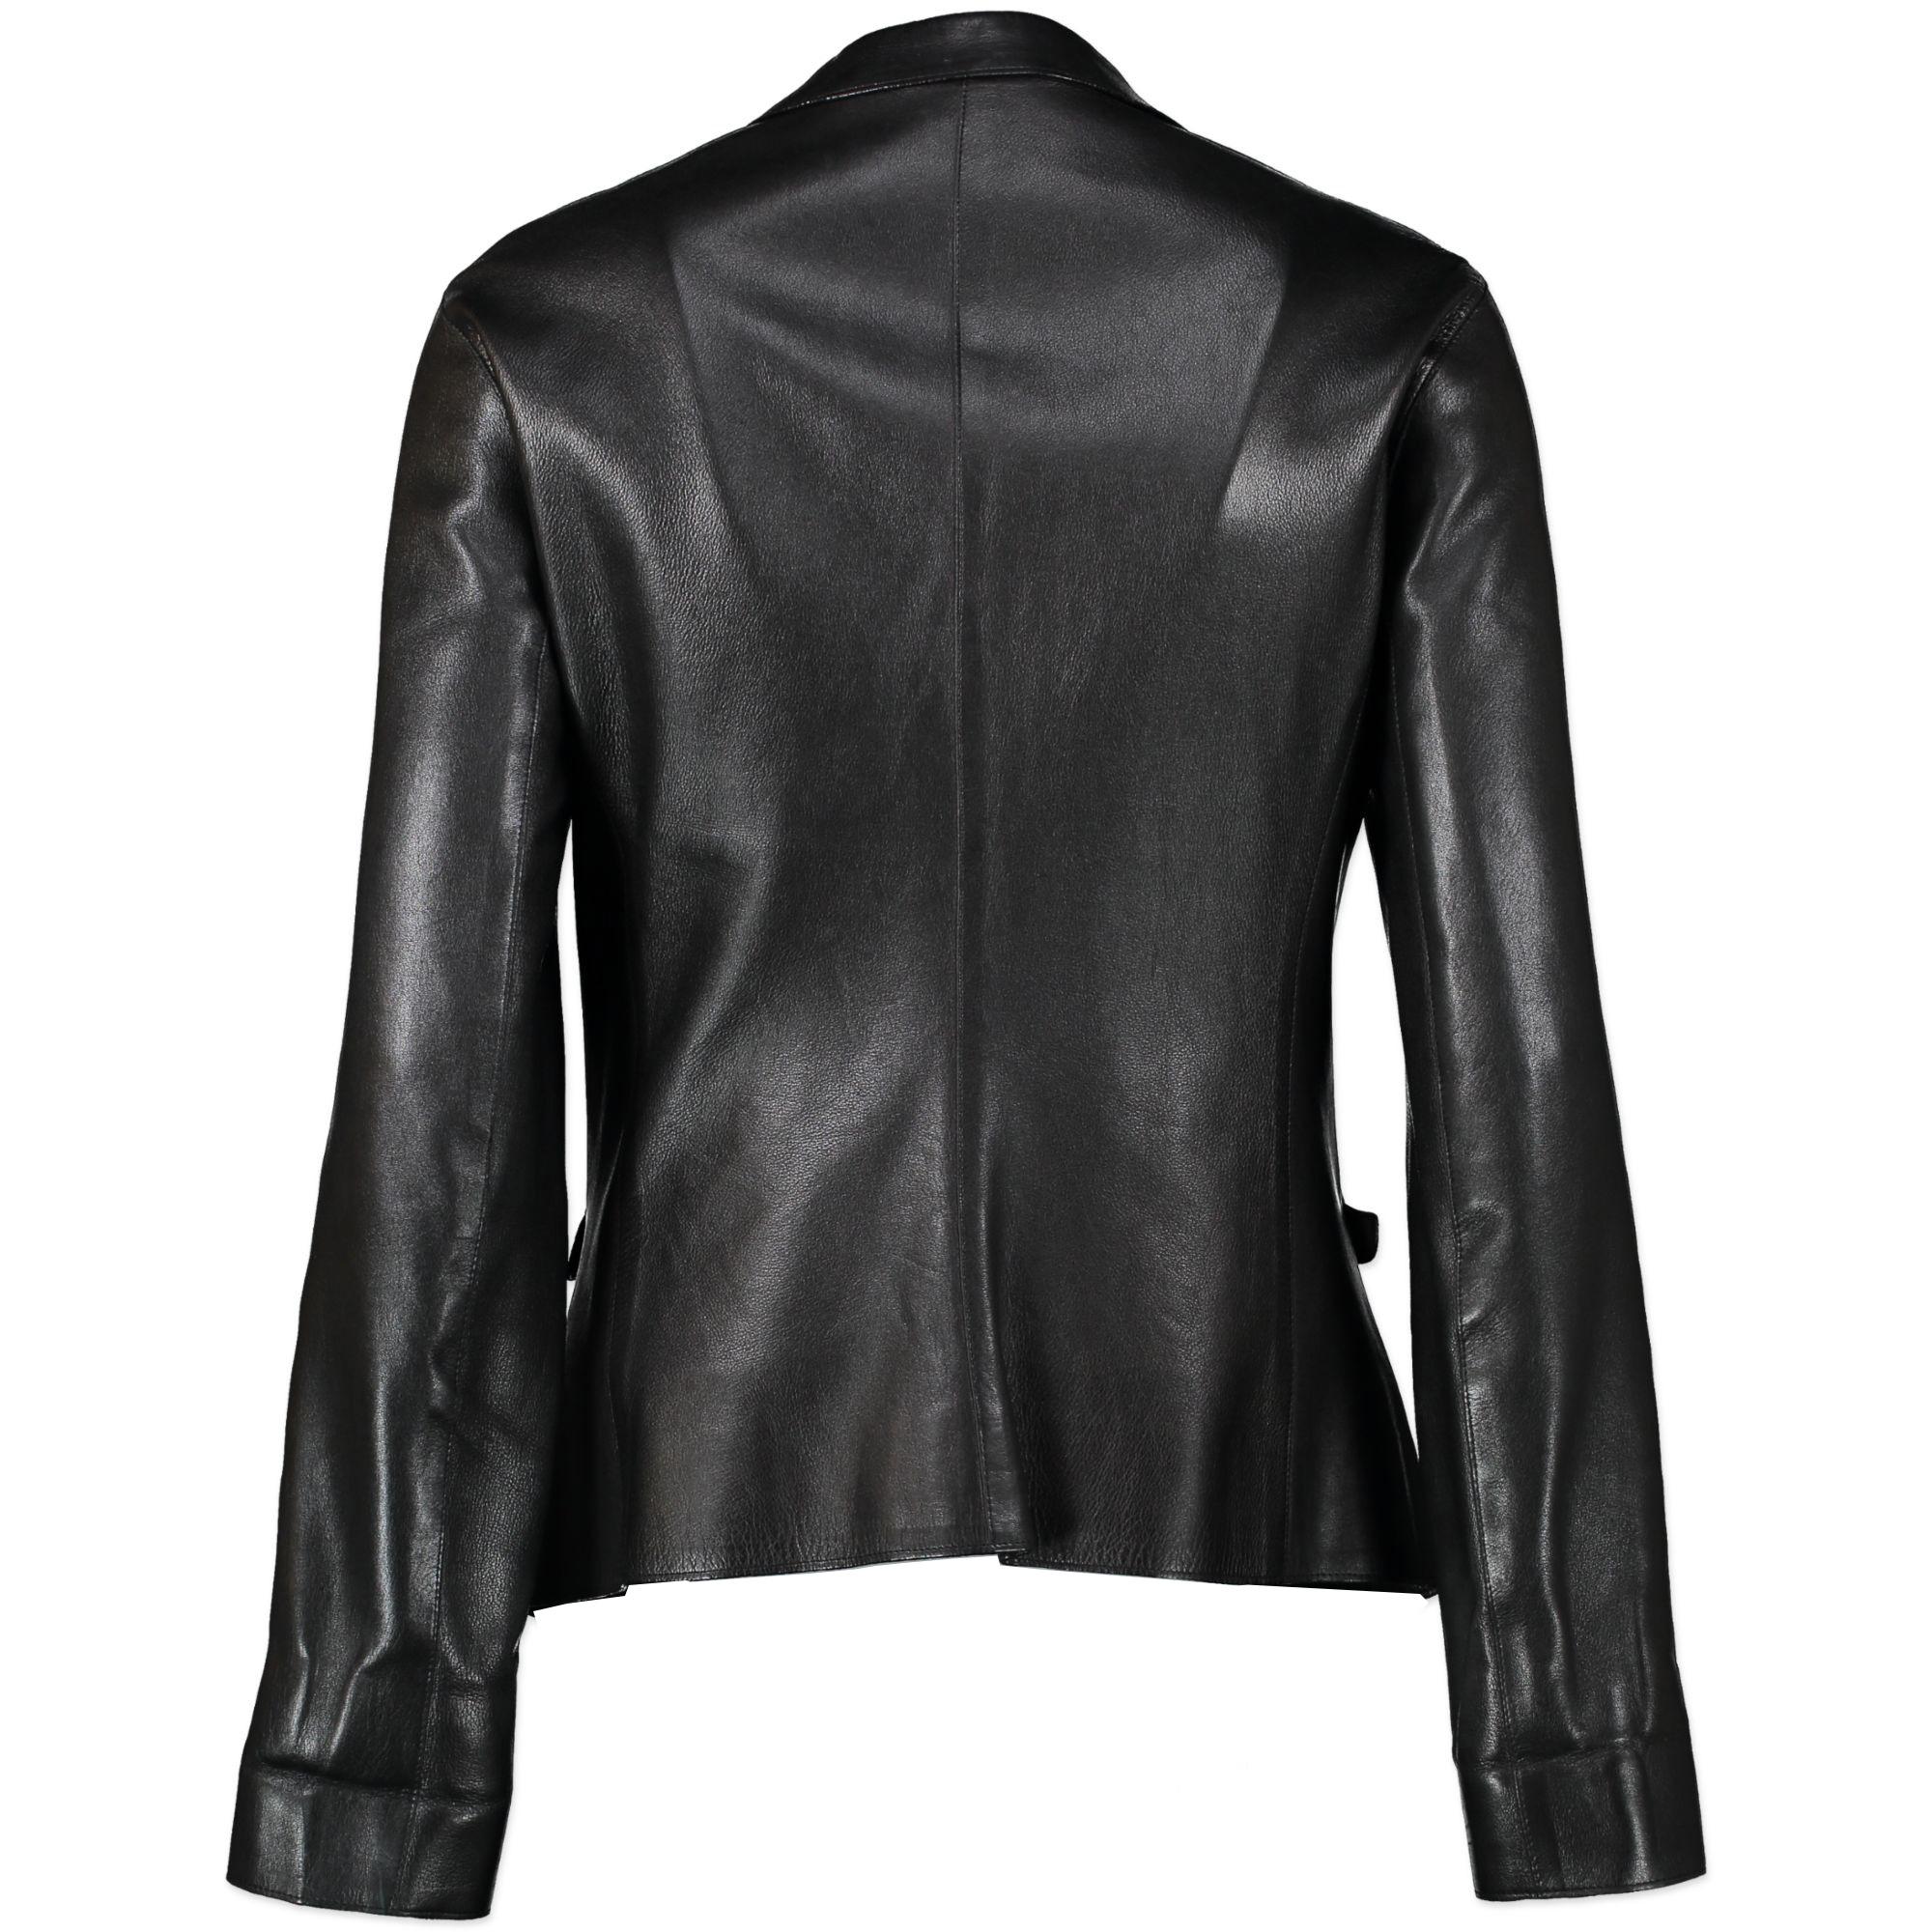 Prada Black Leather Jacket - Size 44